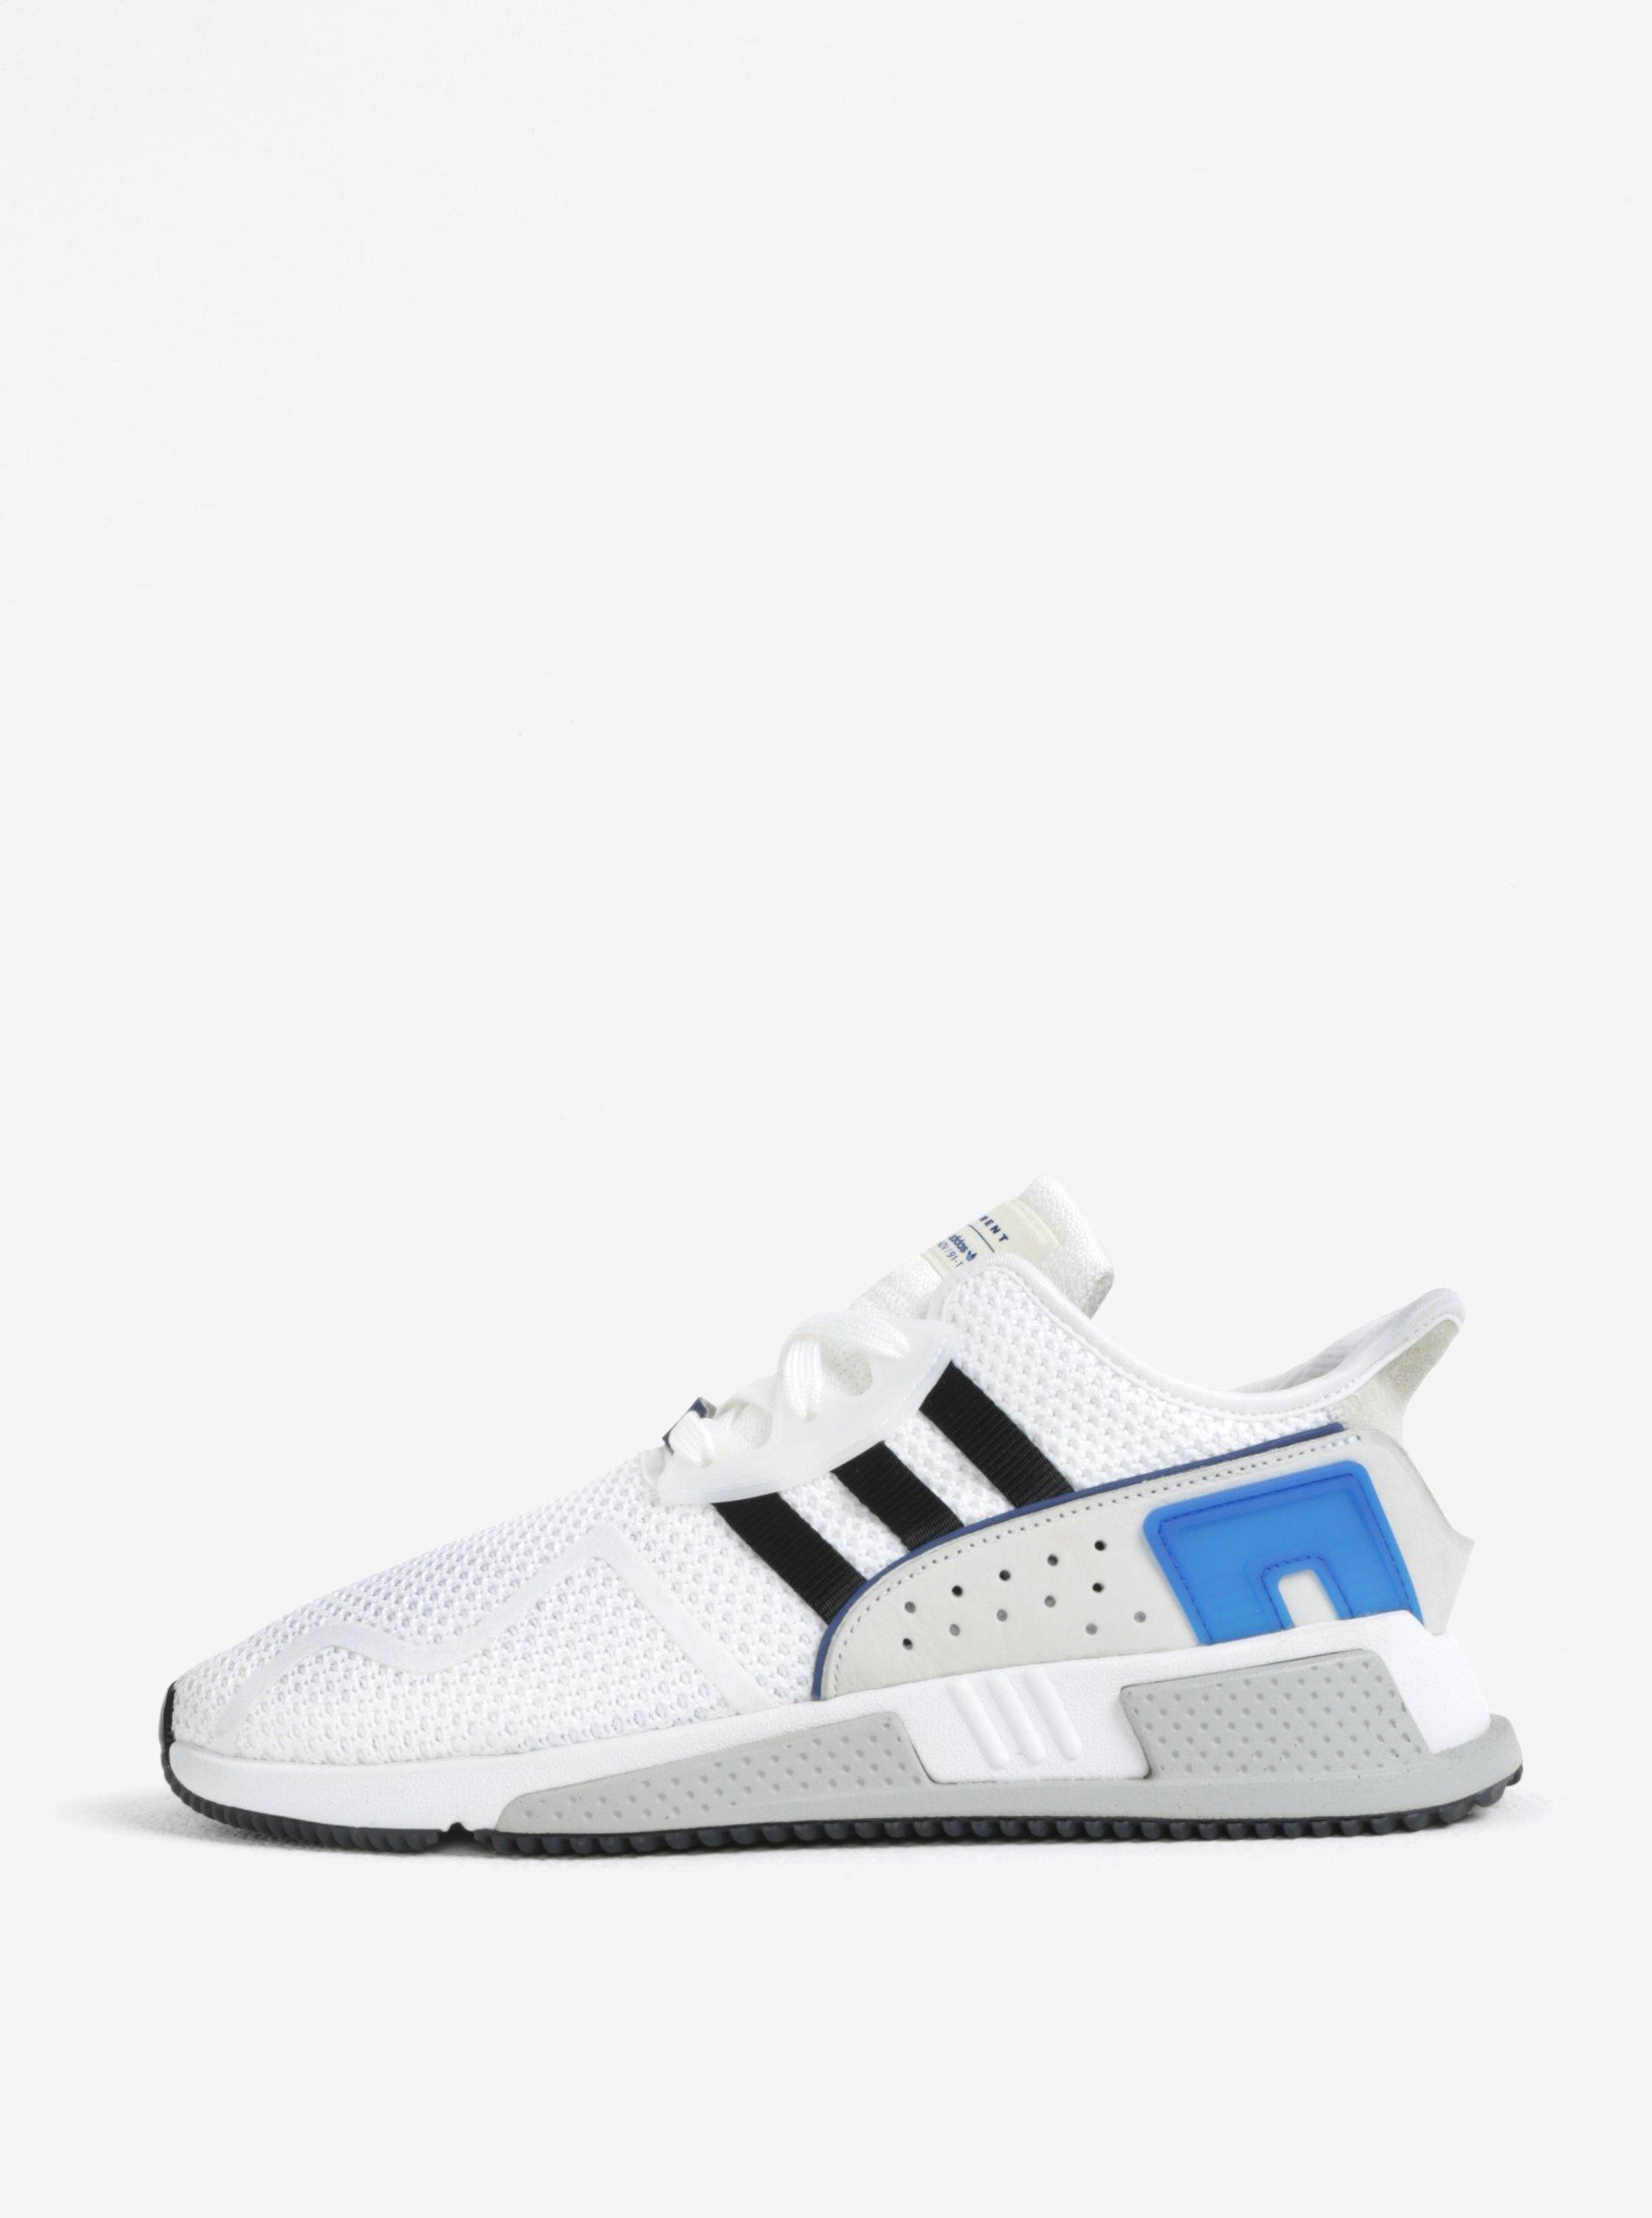 77e988a66a6ec Biele pánske tenisky adidas Originals EQT Cushion   Moda.sk